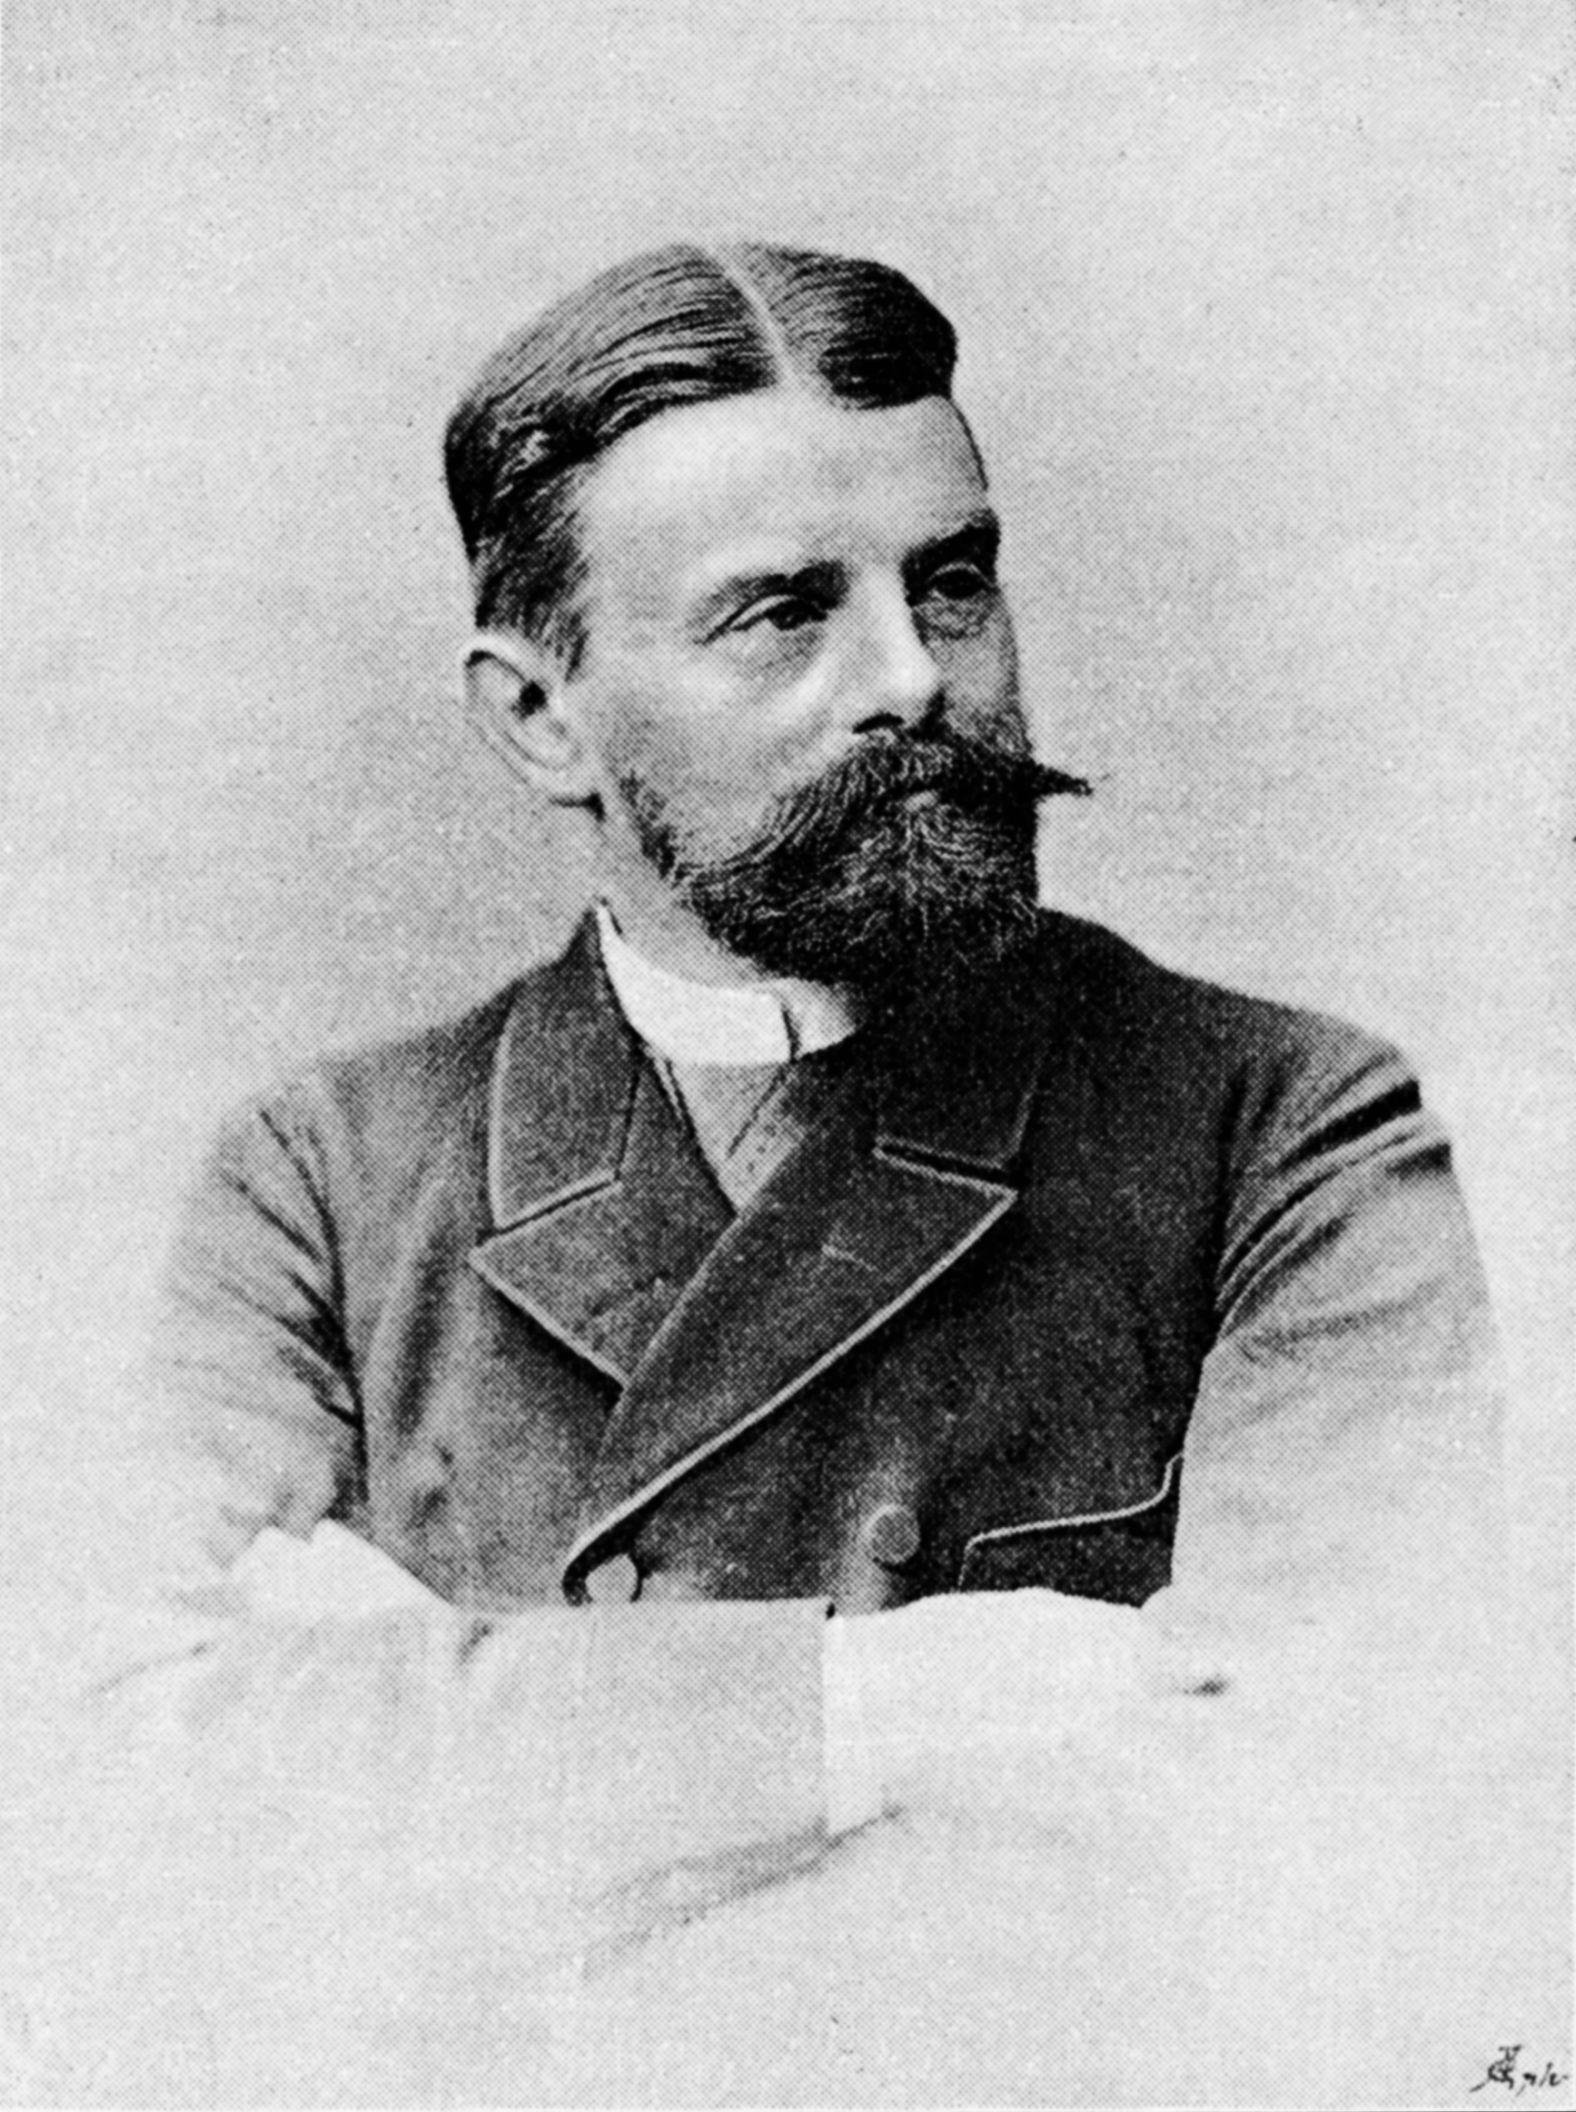 Portre of Liliencron, Detlev von